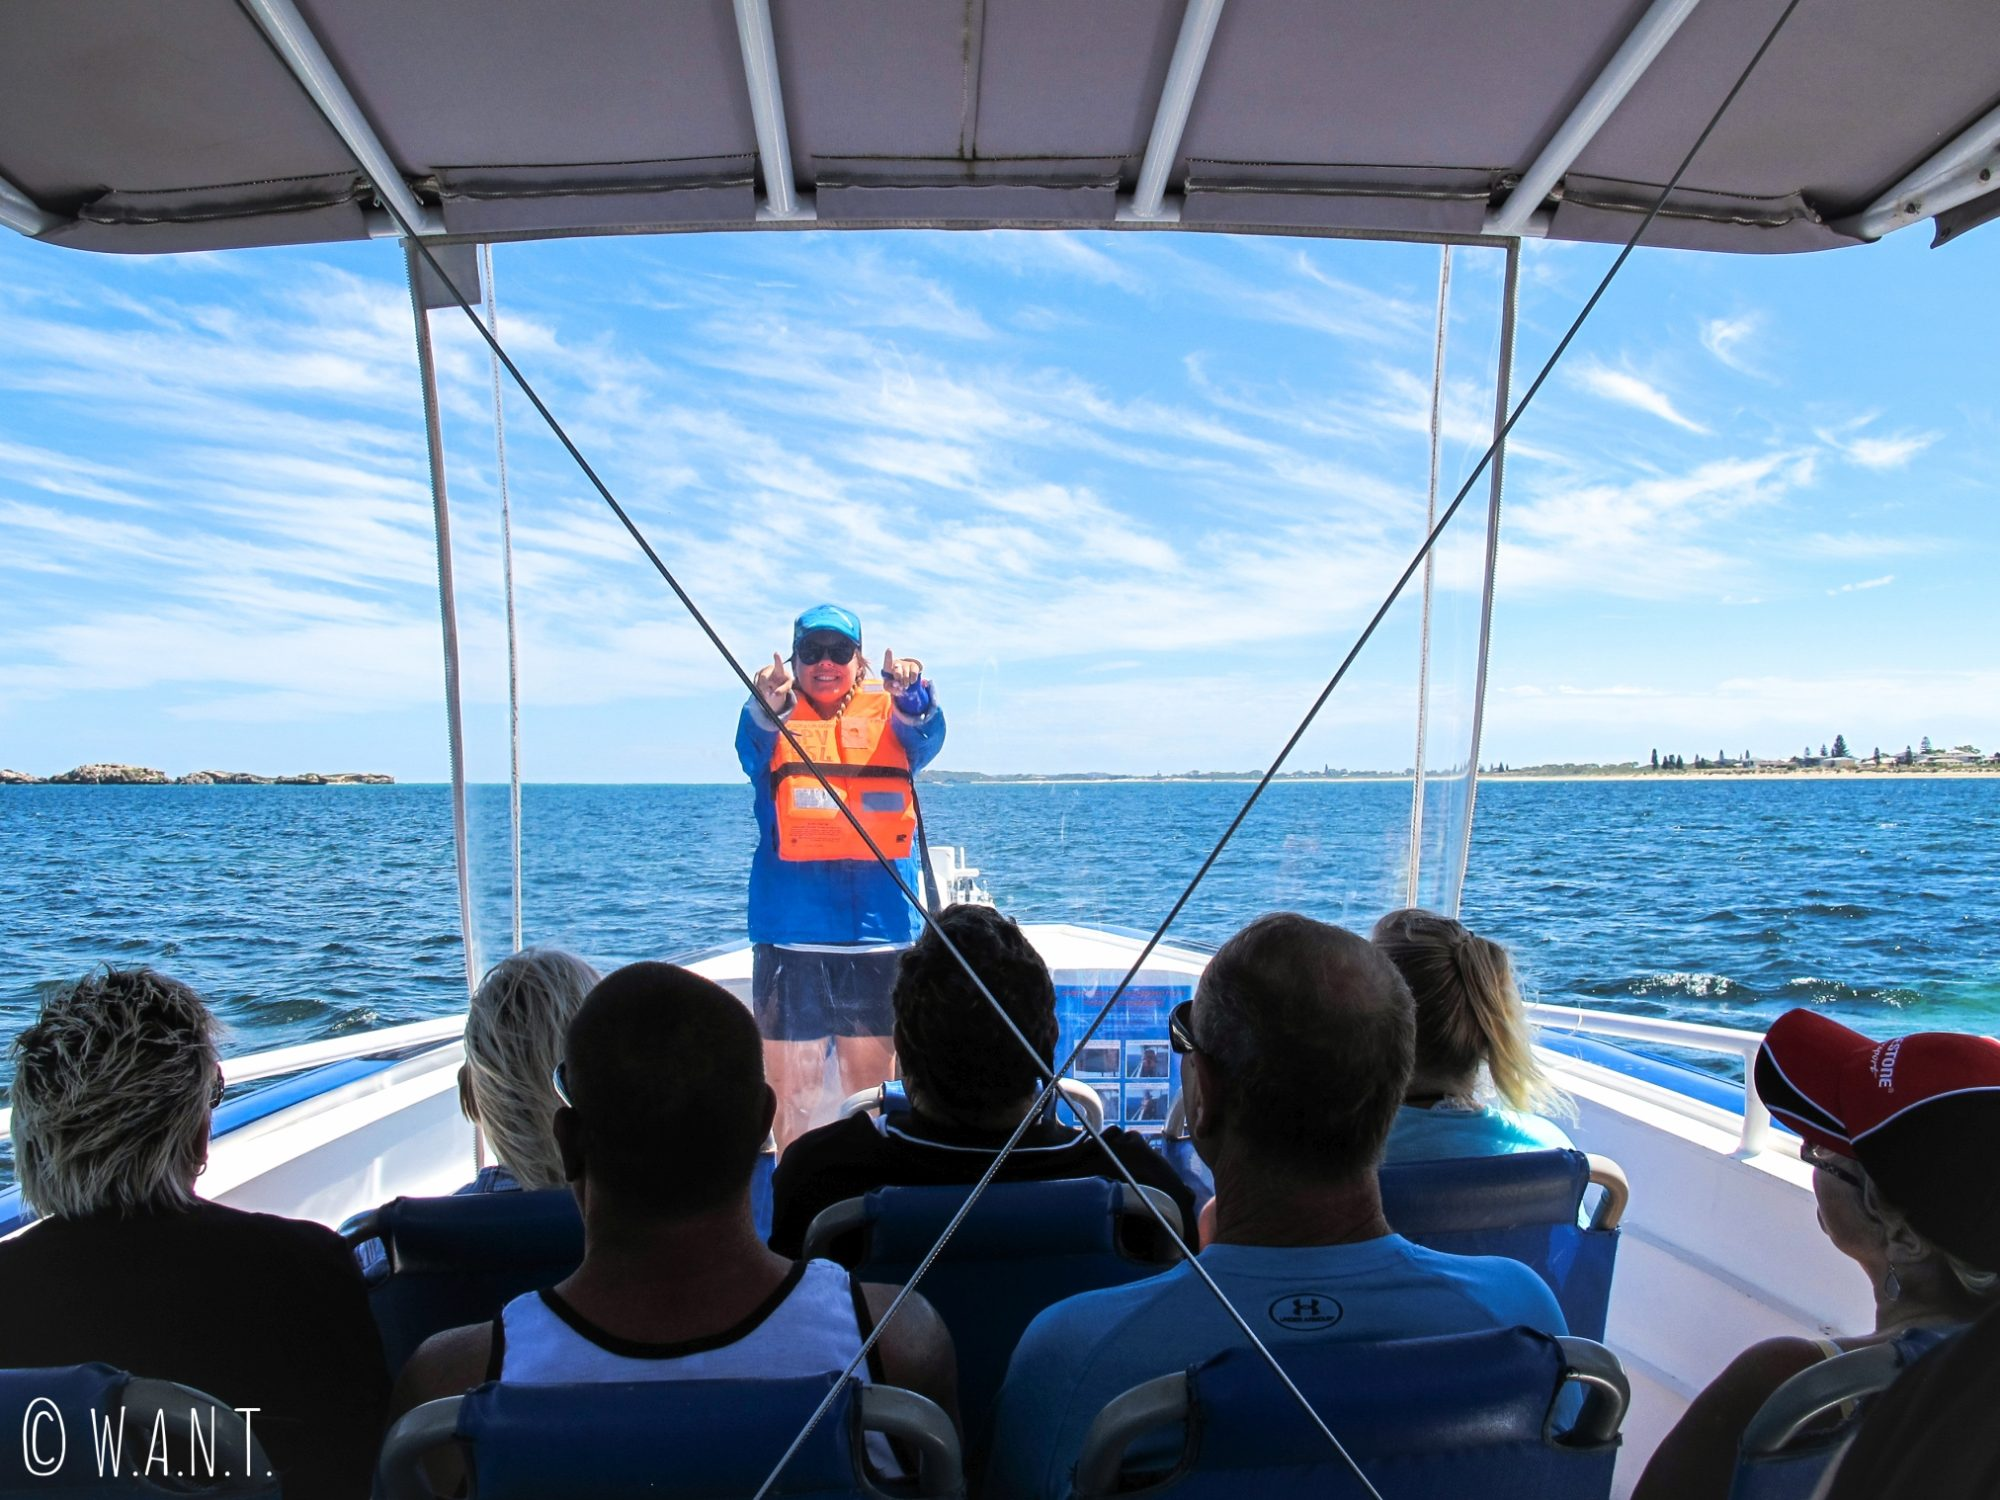 Consignes de sécurité à bord de la croisière Dolphin, Penguin & Sea Lion Cruise sur Penguin Island